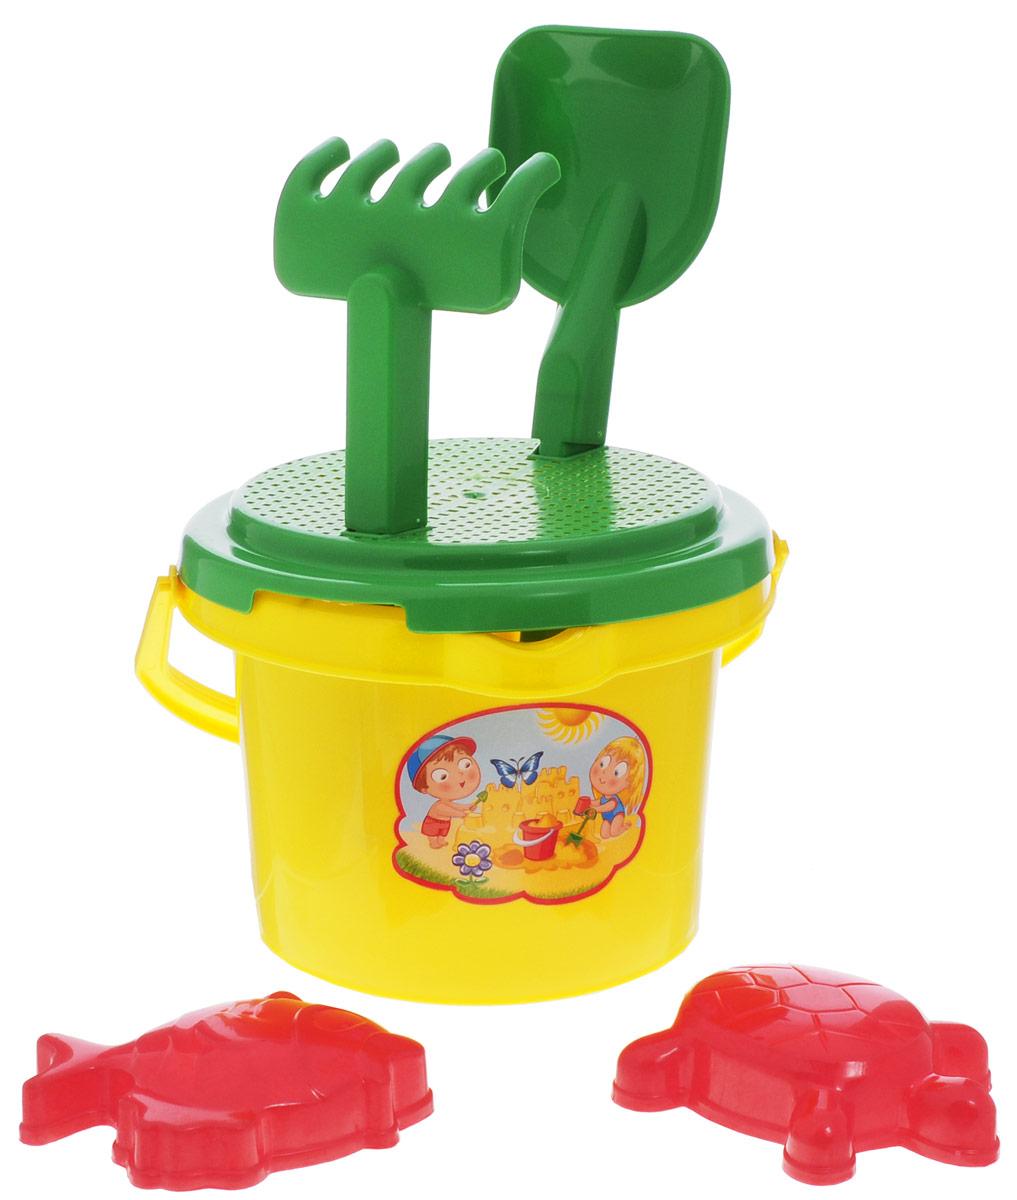 """Набор для игры с песком Zebratoys """"Солнышко"""" привлечет внимание вашего малыша и не позволит ему скучать. Набор предназначен для игры в песочнице, на пляже или во дворе загородного дома. Ударопрочный пластик и качественные красители надолго сохранят внешний вид игрушки и будут радовать ваших детей. В набор входит ведерко с ситом, совок, грабли, две формочки. С таким набором игры на свежем воздухе принесут вашему малышу одно удовольствие! Порадуйте его таким замечательным подарком!"""